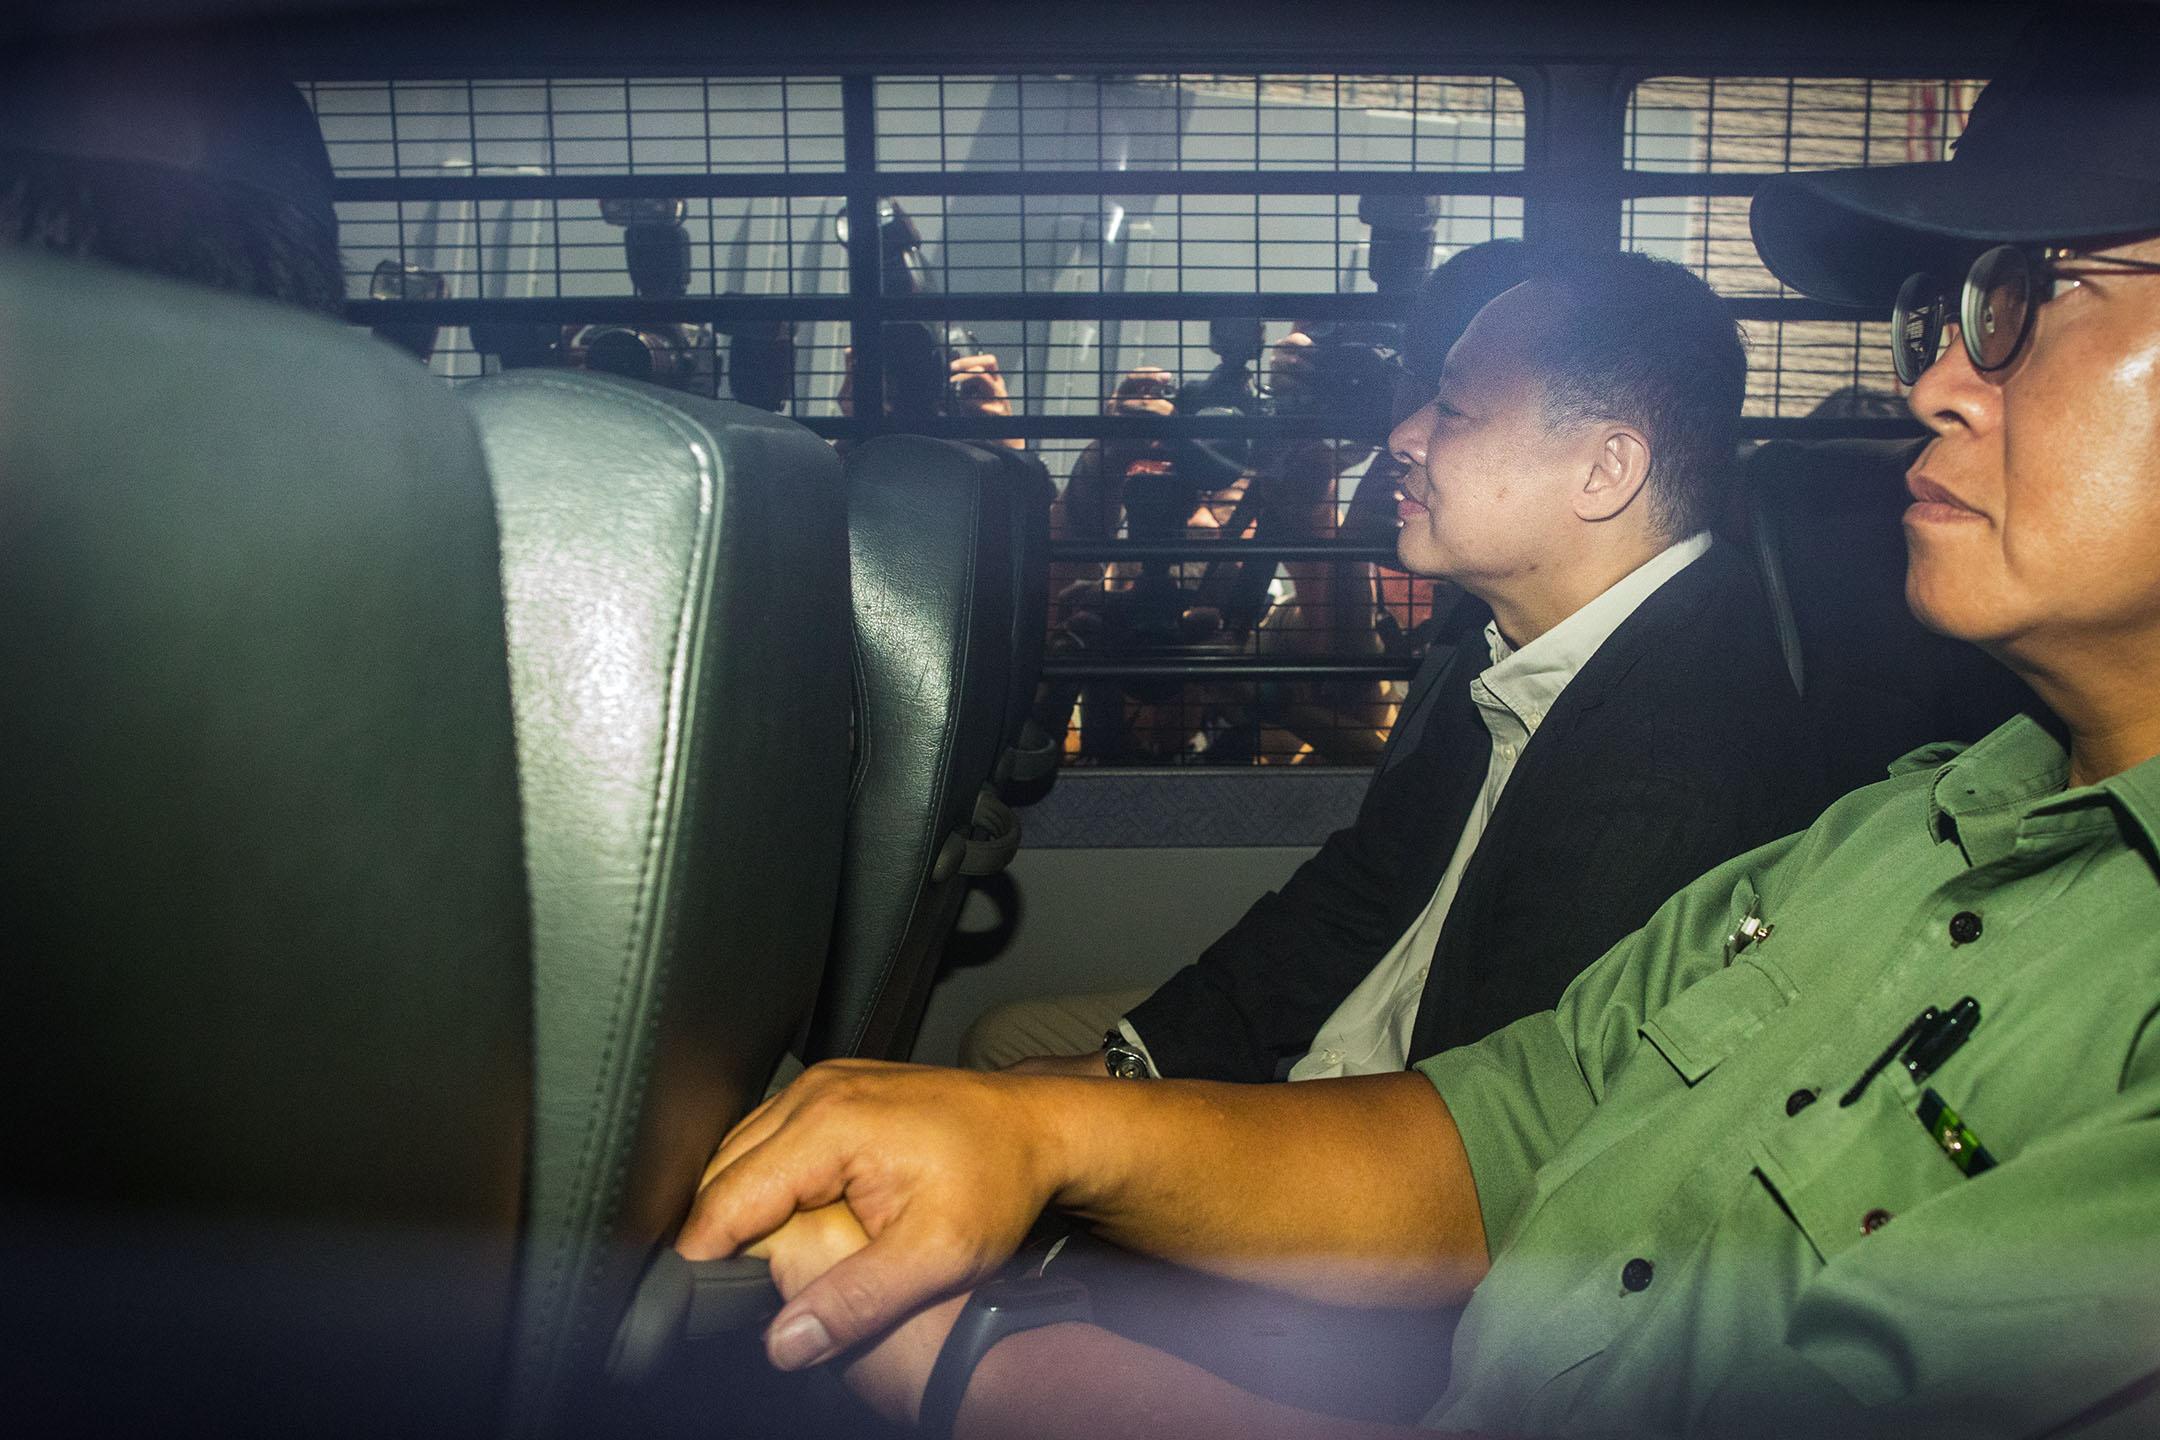 2019年4月24日,戴耀廷、陳健民、邵家臻、黃浩銘即時入獄,由囚車送往荔枝角懲教所。